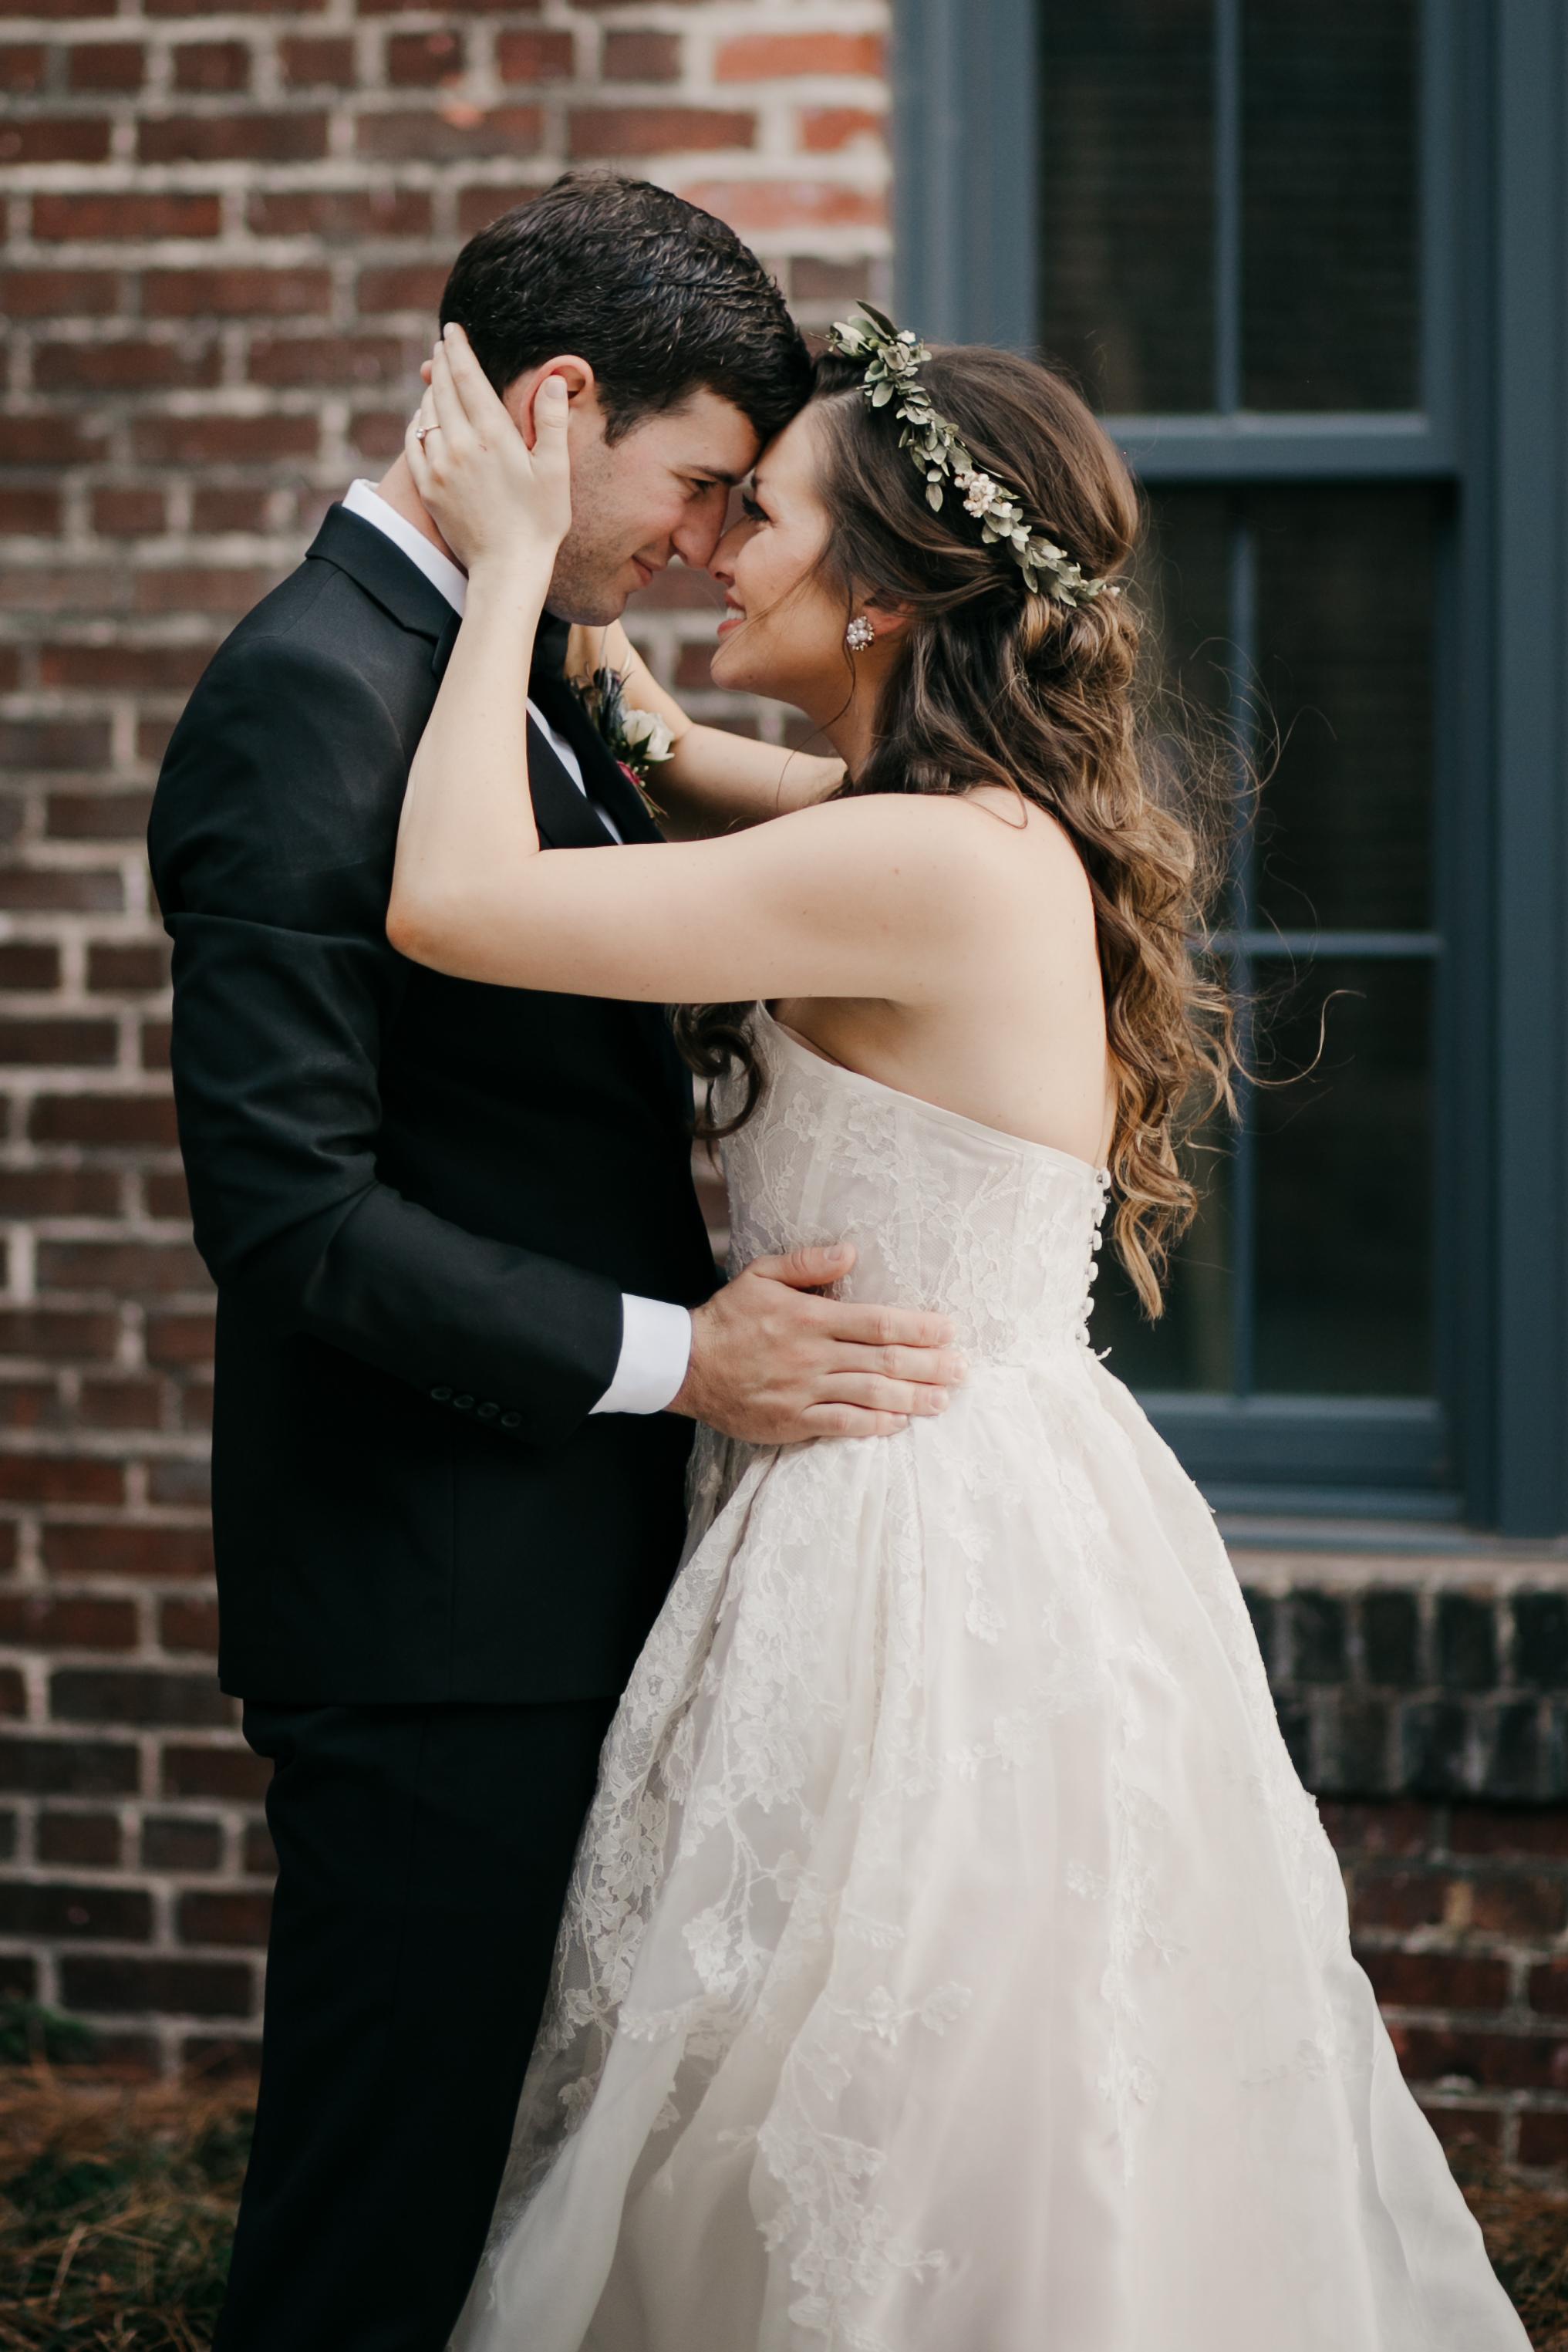 Photography Anthology - Nashville - Charleston Wedding Photographer (17 of 97).jpg